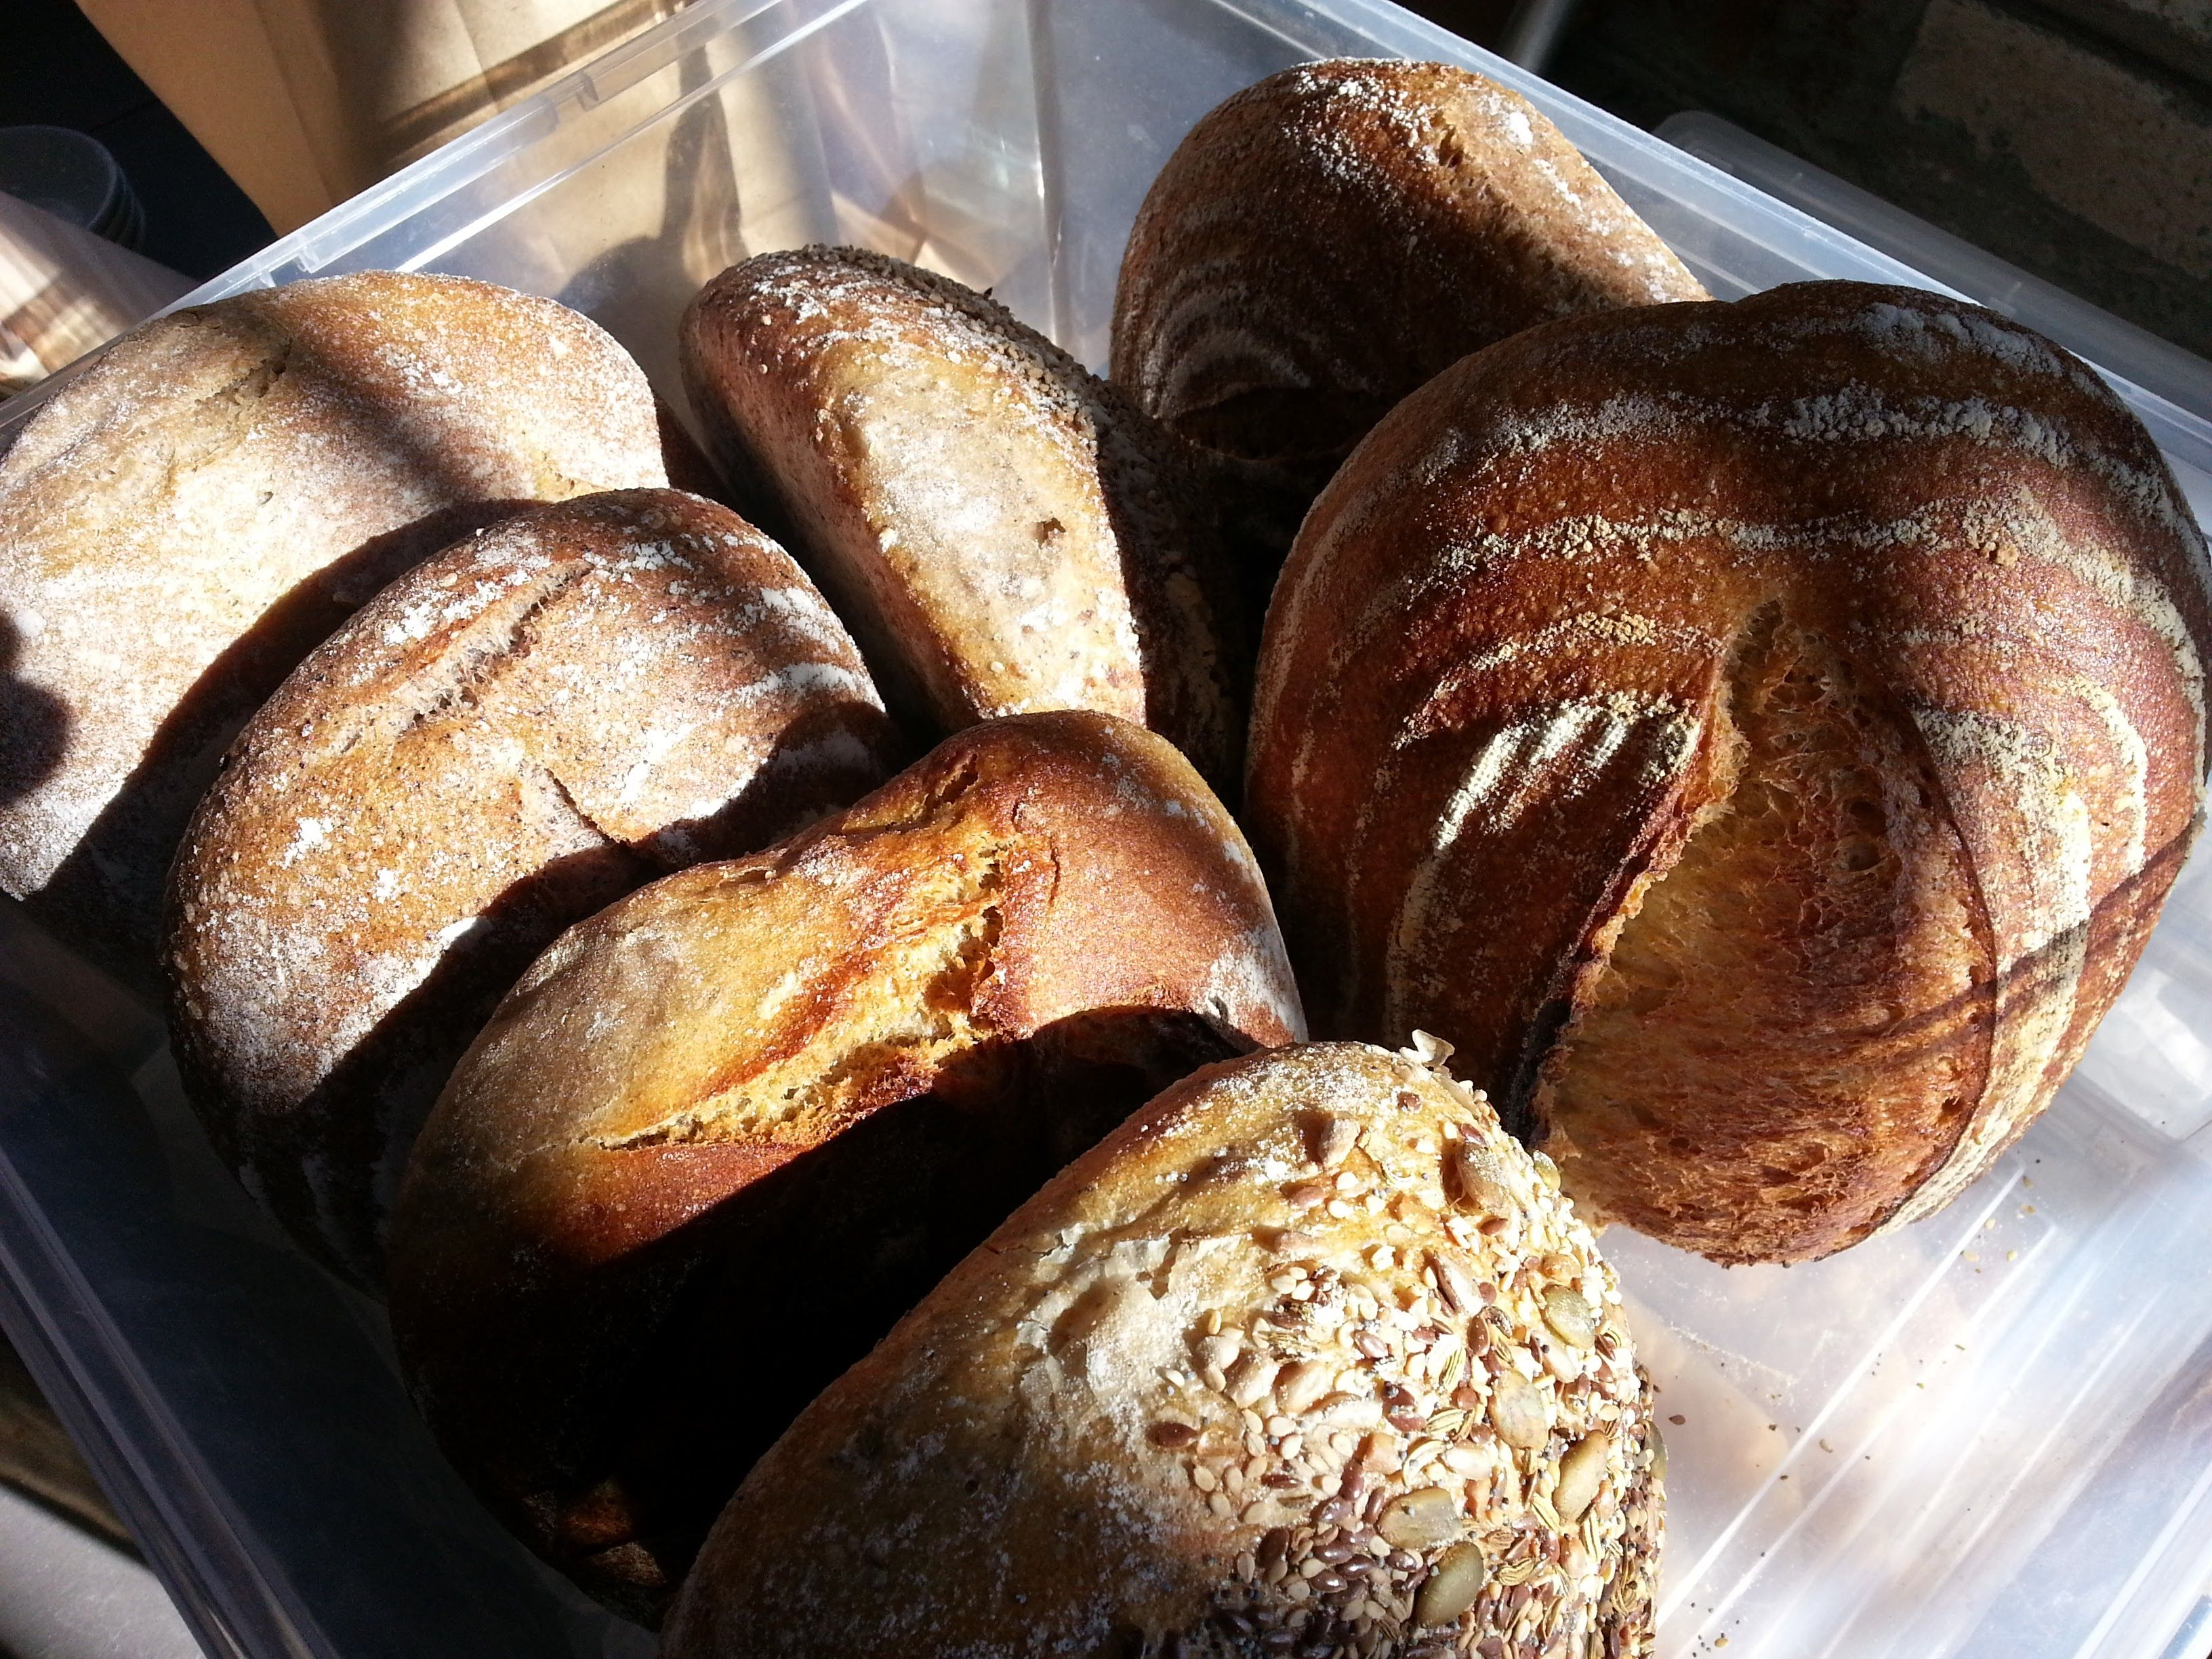 Sourdough loaves by Purebread, Winter Markets 2016 #ottawafarmersmarket #lansdownefarmersmarket